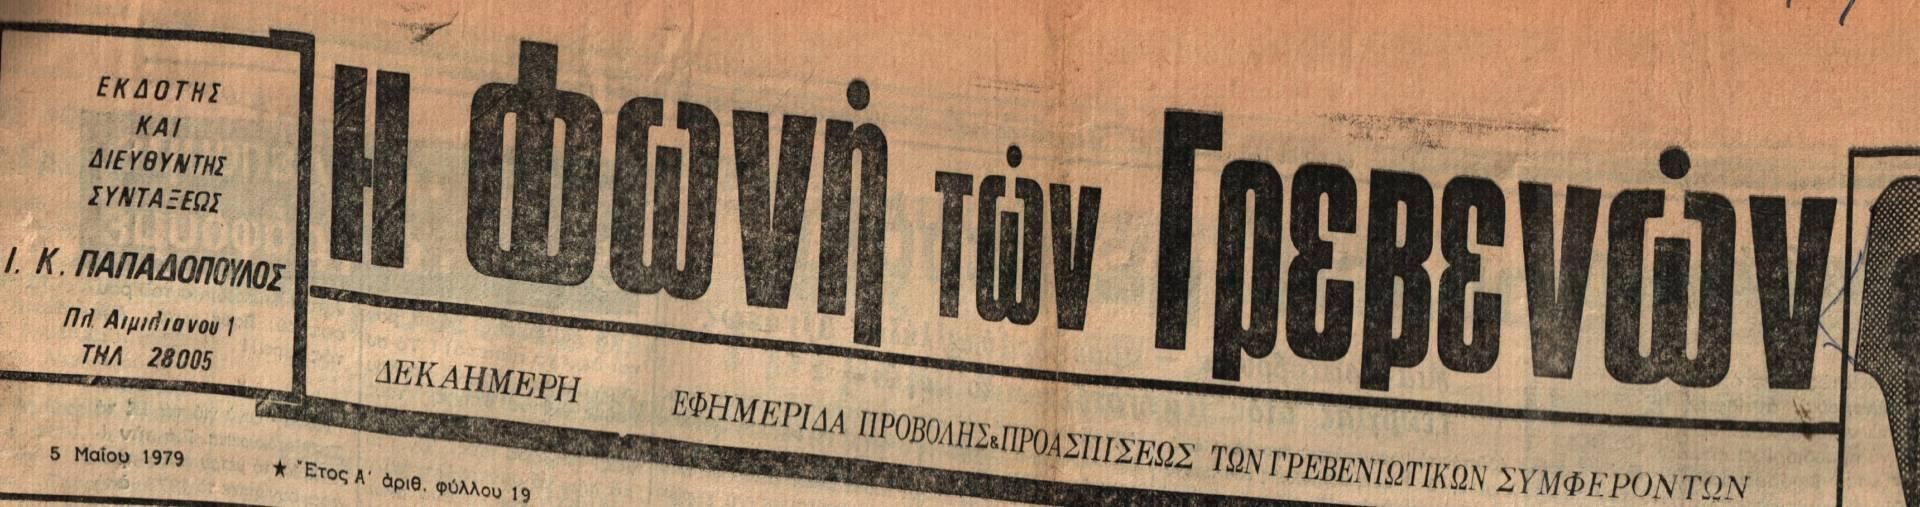 Η ιστορία των Γρεβενών μέσα από τον Τοπικό Τύπο.Σήμερα:Στή Κατάκαλη γιορτάστηκε το »έτος του παιδιού»